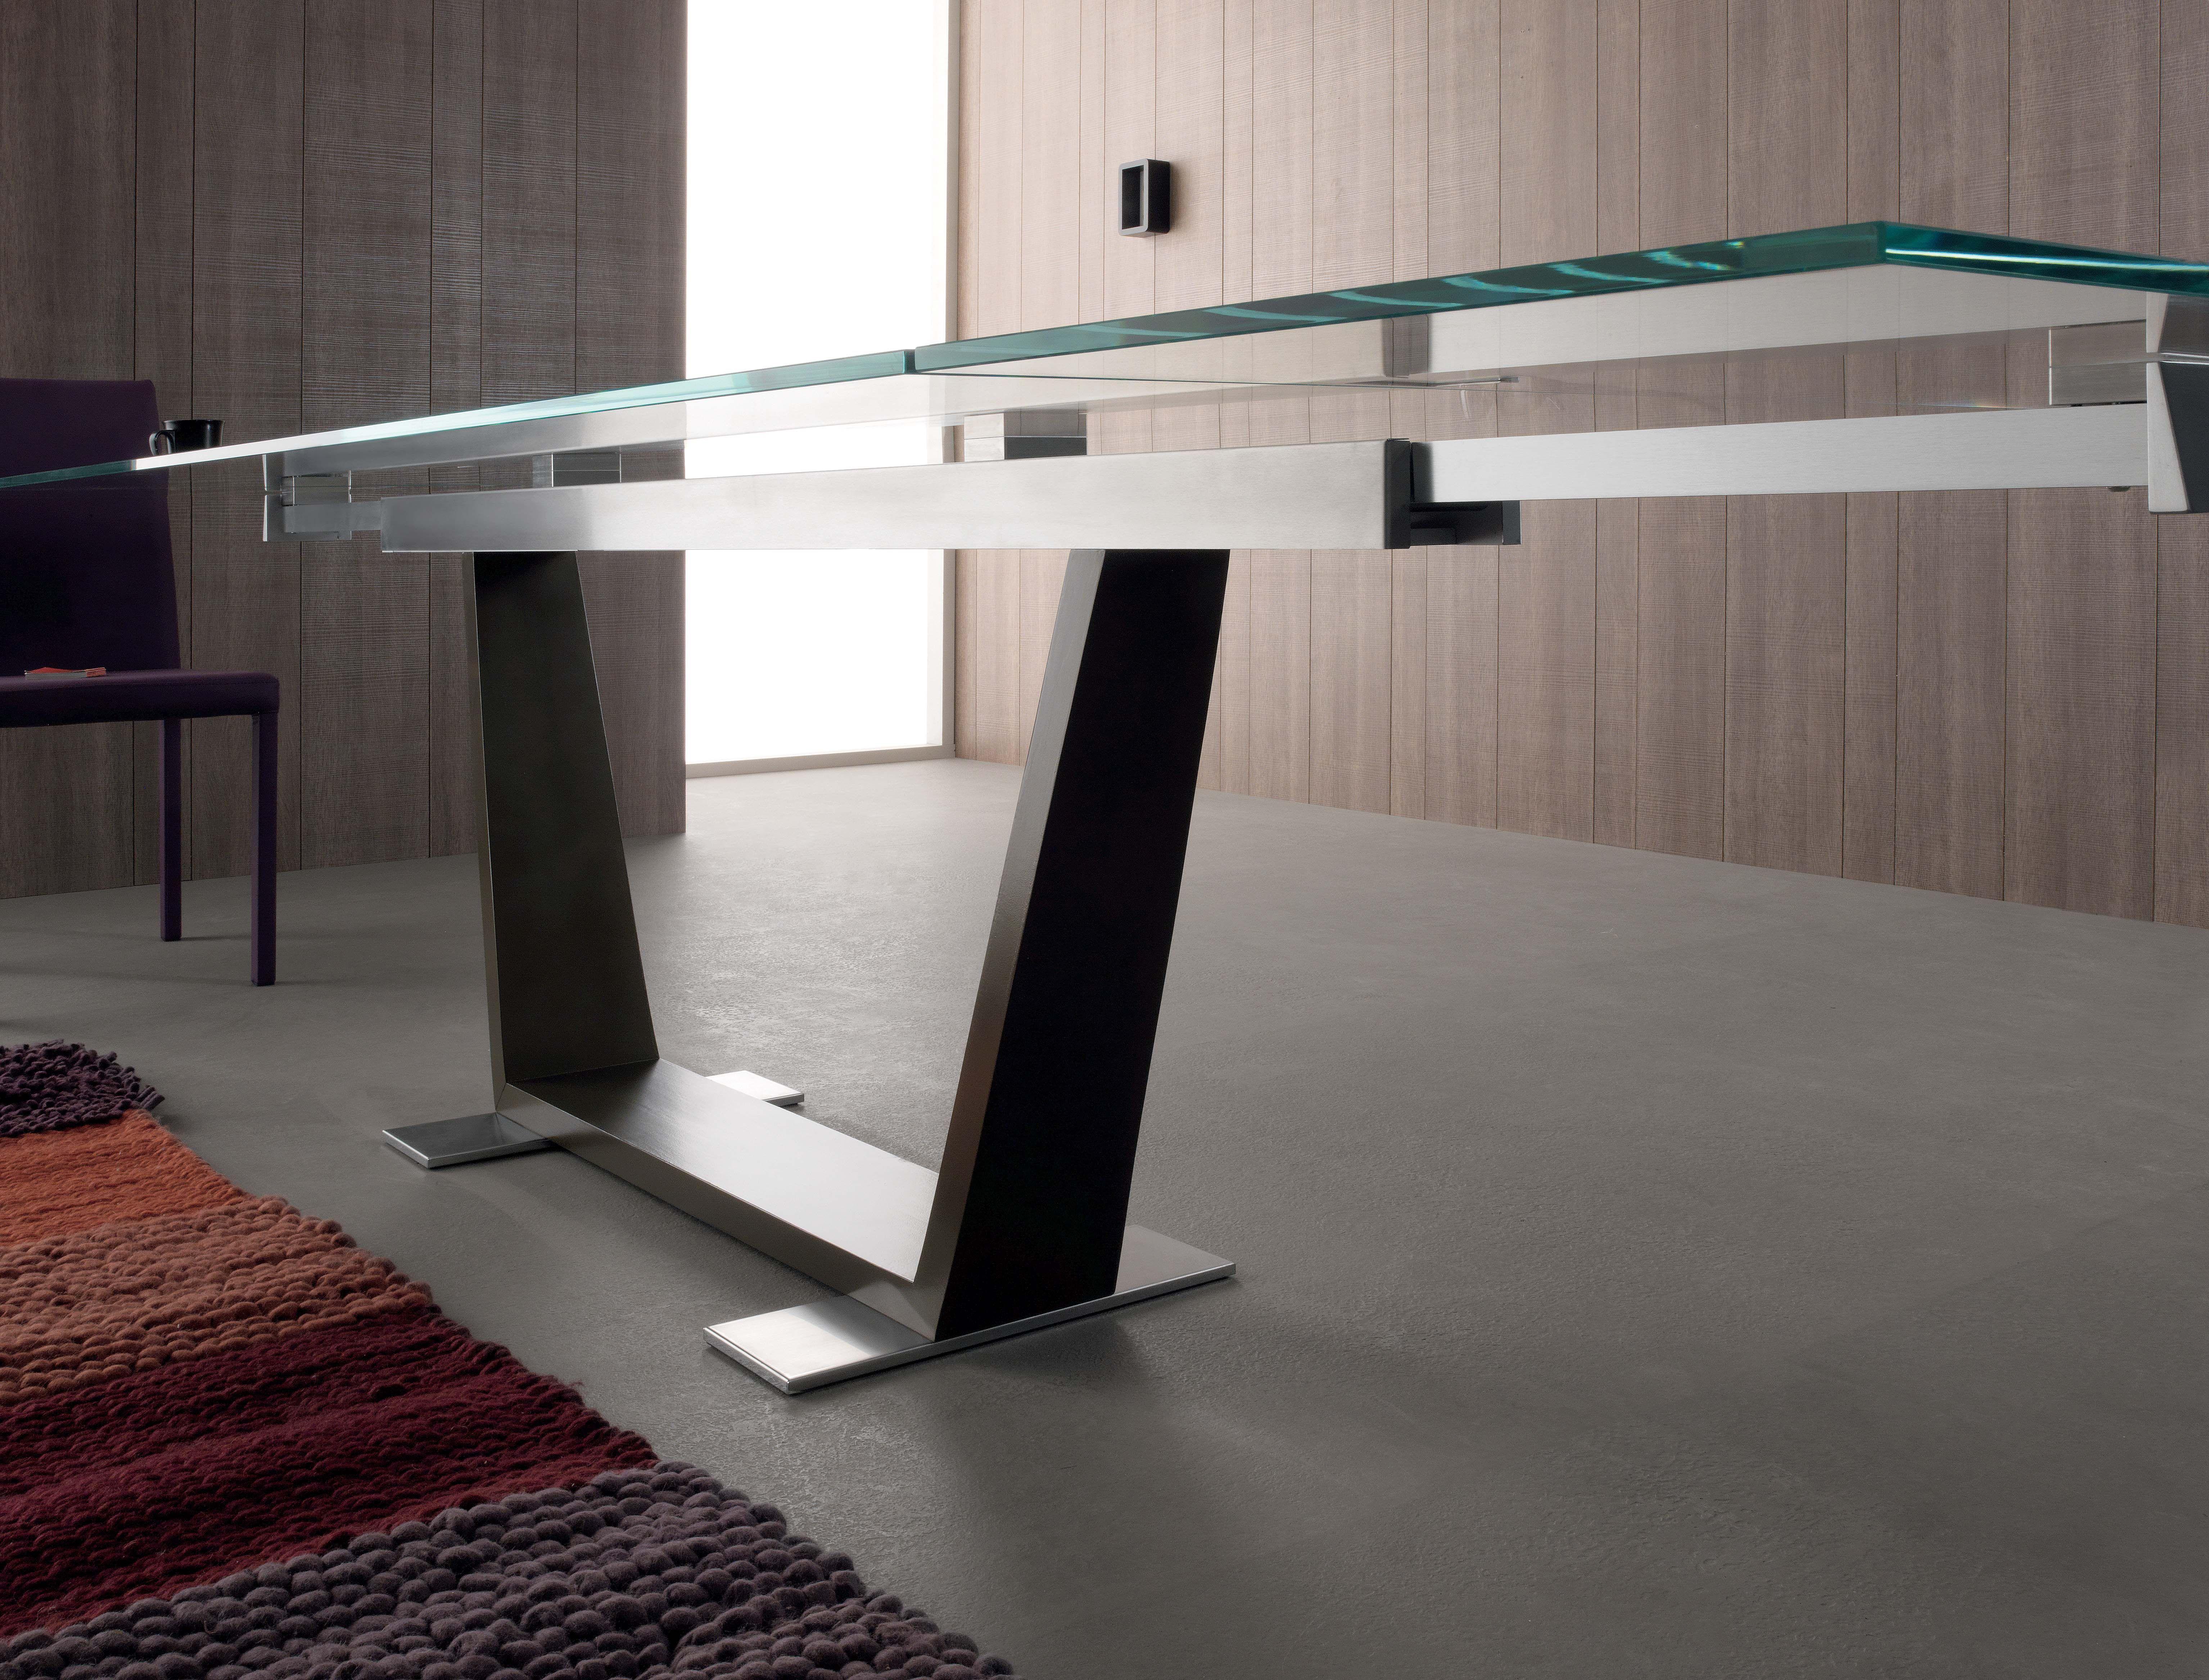 Tavolo Allargabile ~ Tavolo allungabile rettangolare in metallo in stile moderno tower